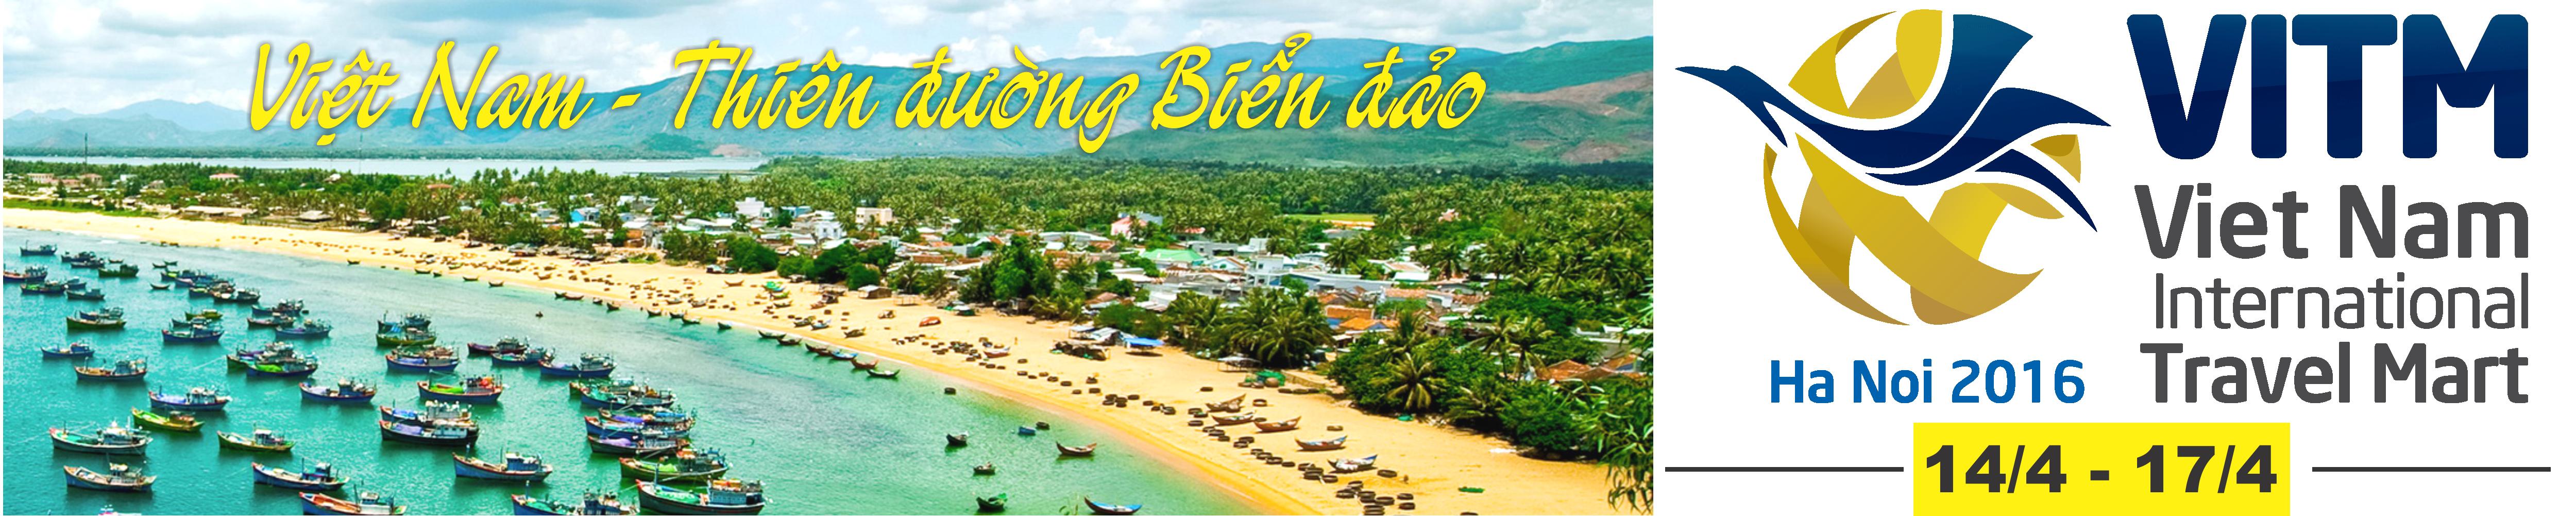 HỘI CHỢ DU LỊCH QUỐC TẾ VIỆT NAM - VITM HÀ NỘI 2016